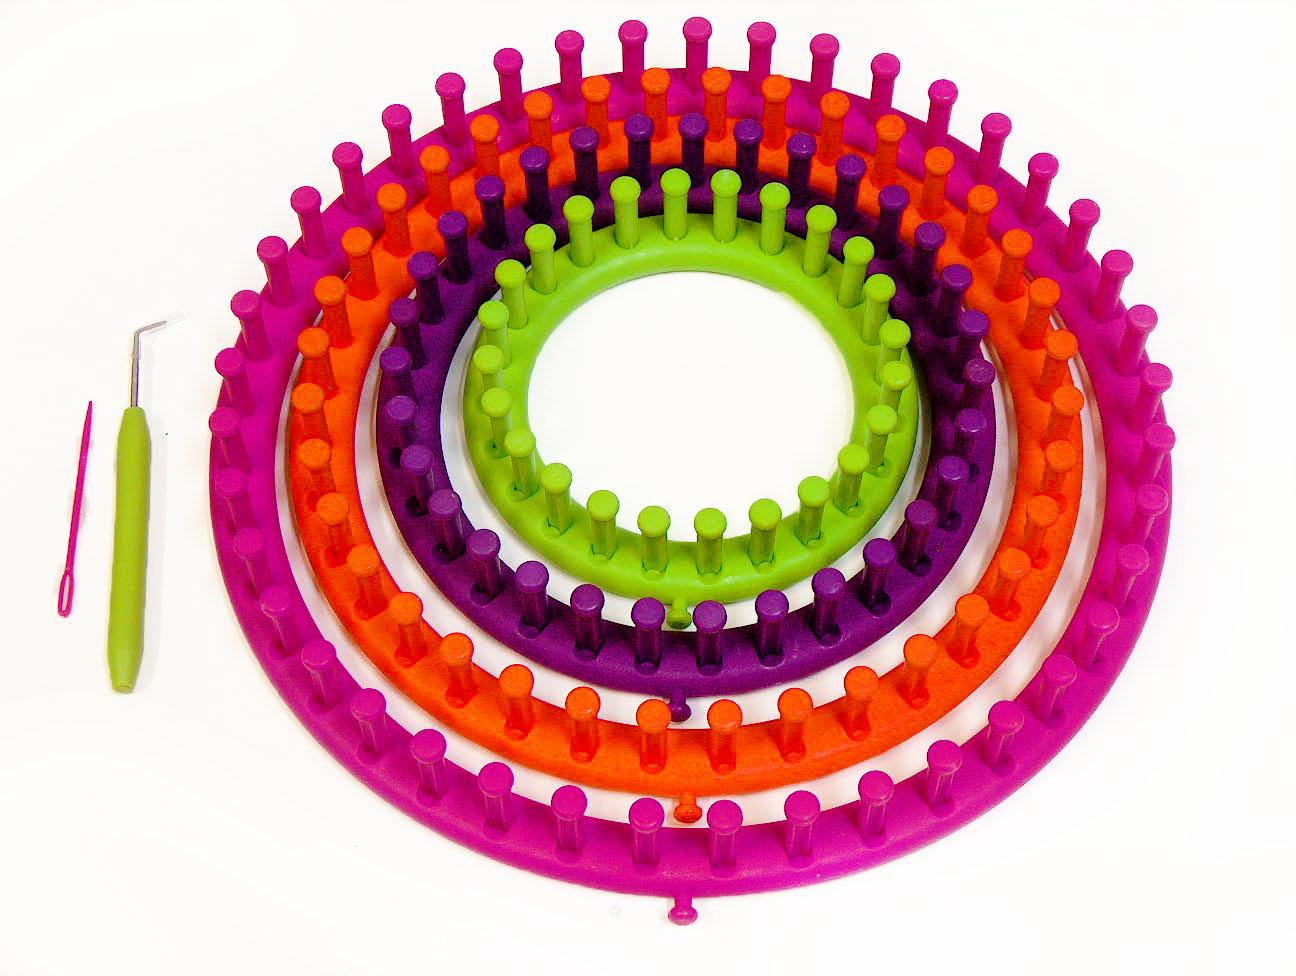 Round Knitting Loom Set Italiano : Round knitting looms set sizes at yarn paradise